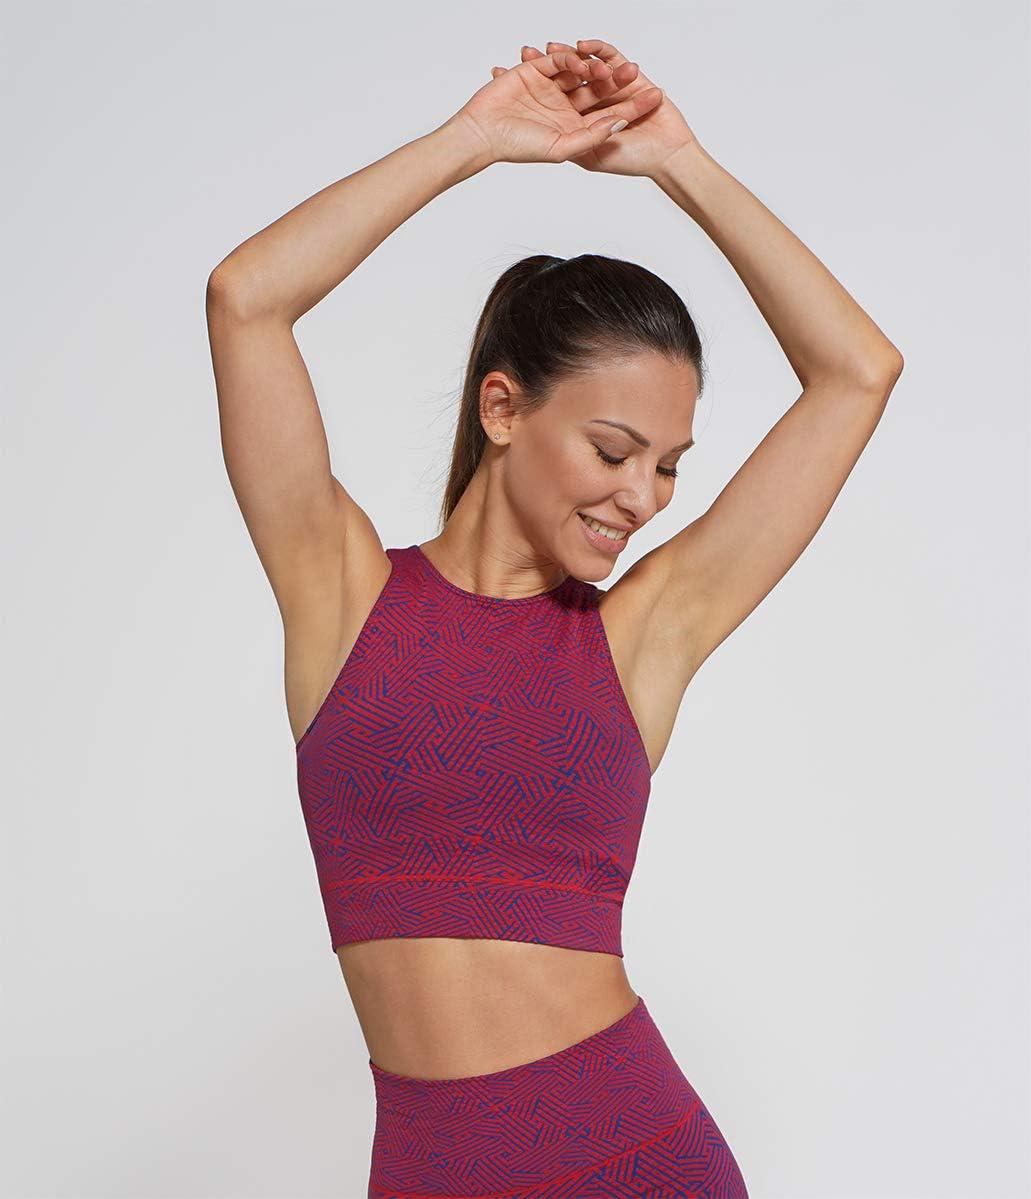 gimnasio y yoga Heart And Soul tejido transpirable y fabricado en Italia fantas/ía geom/étrica bicolor corto y sin costuras Top deportivo Sunshine Reef para fitness